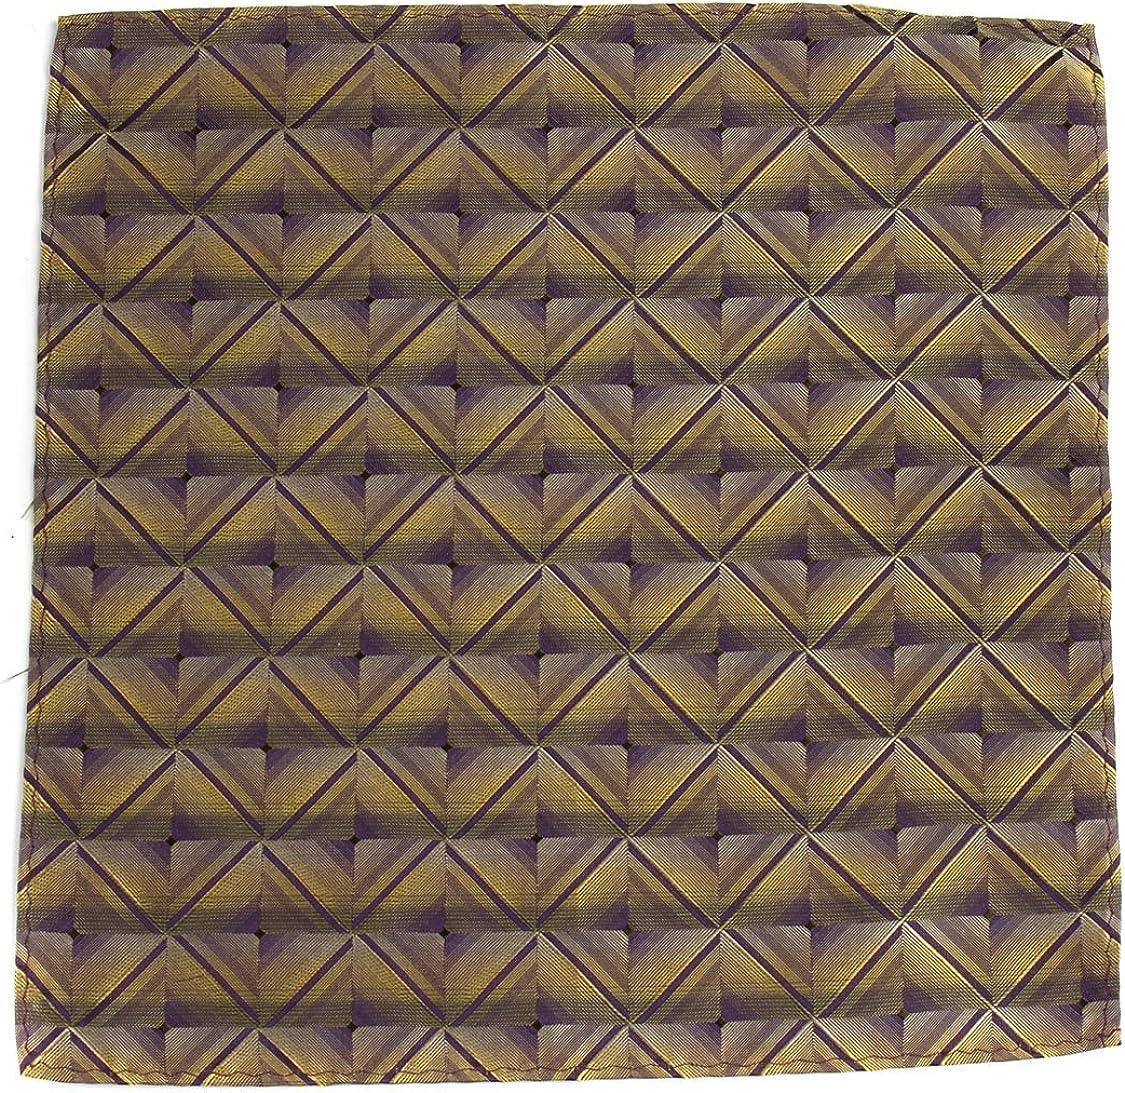 PS-Z-231 - Aficionado Pocket Square - Brown